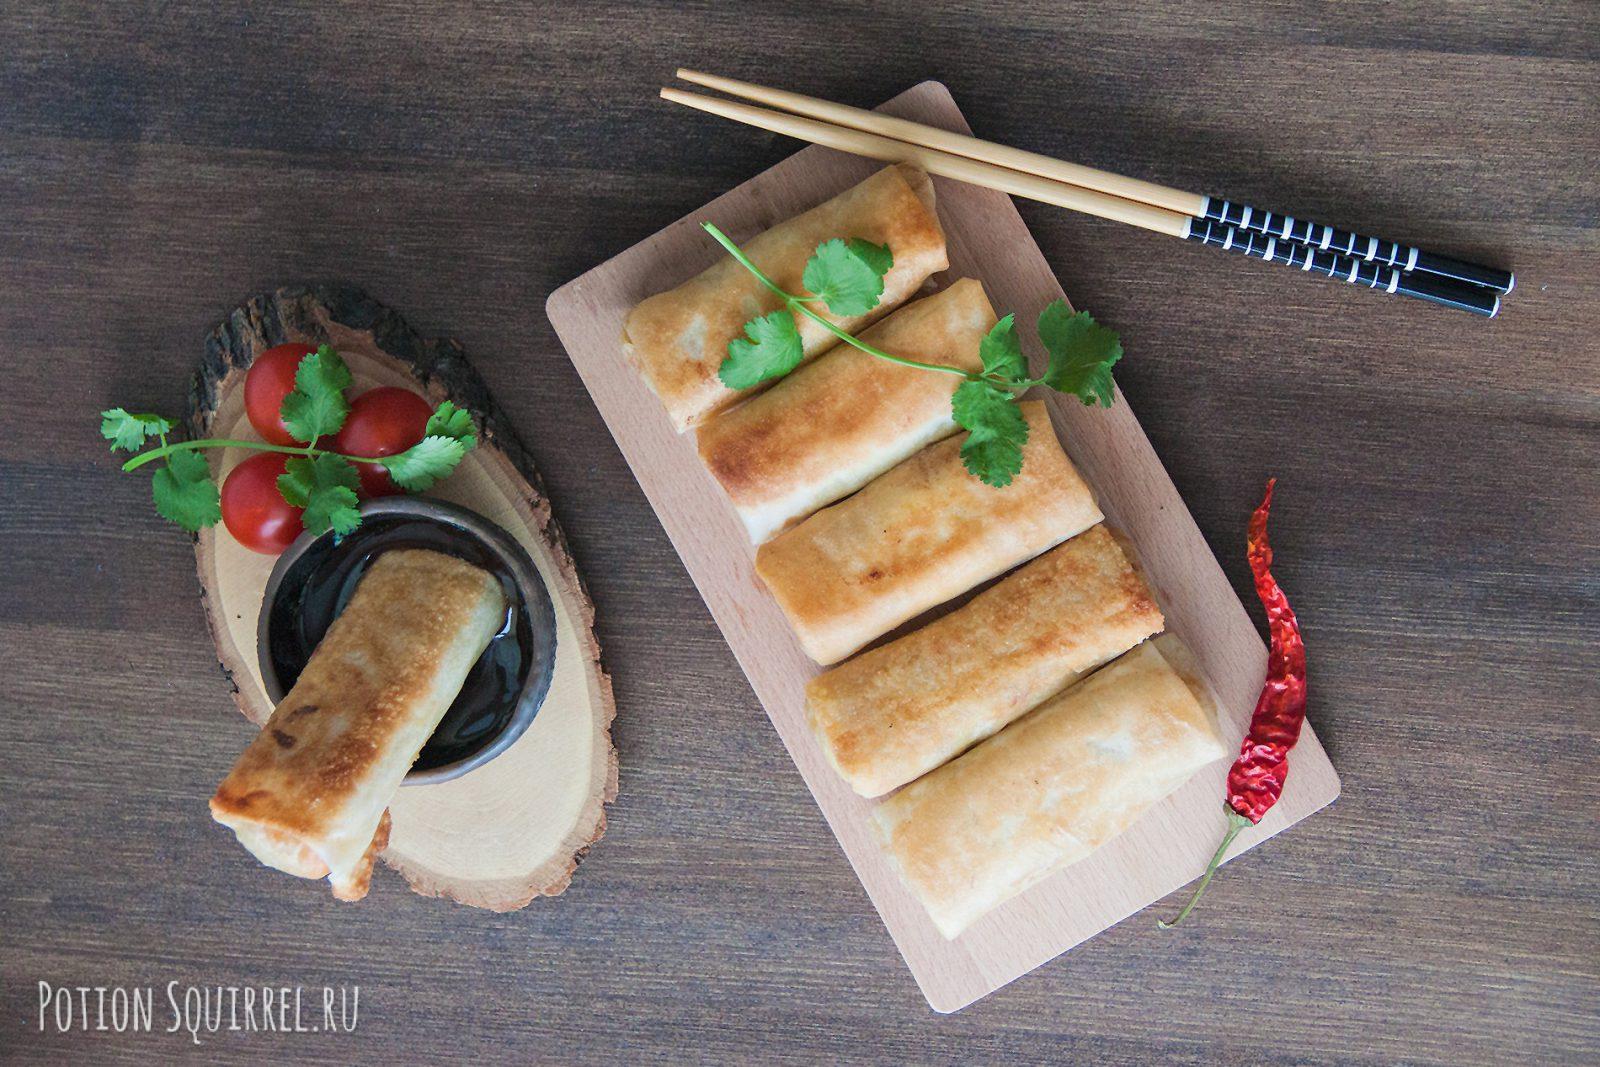 Хрустящие спринг-роллы с тушеными овощами. Рецепт от potionsquirrel.ru